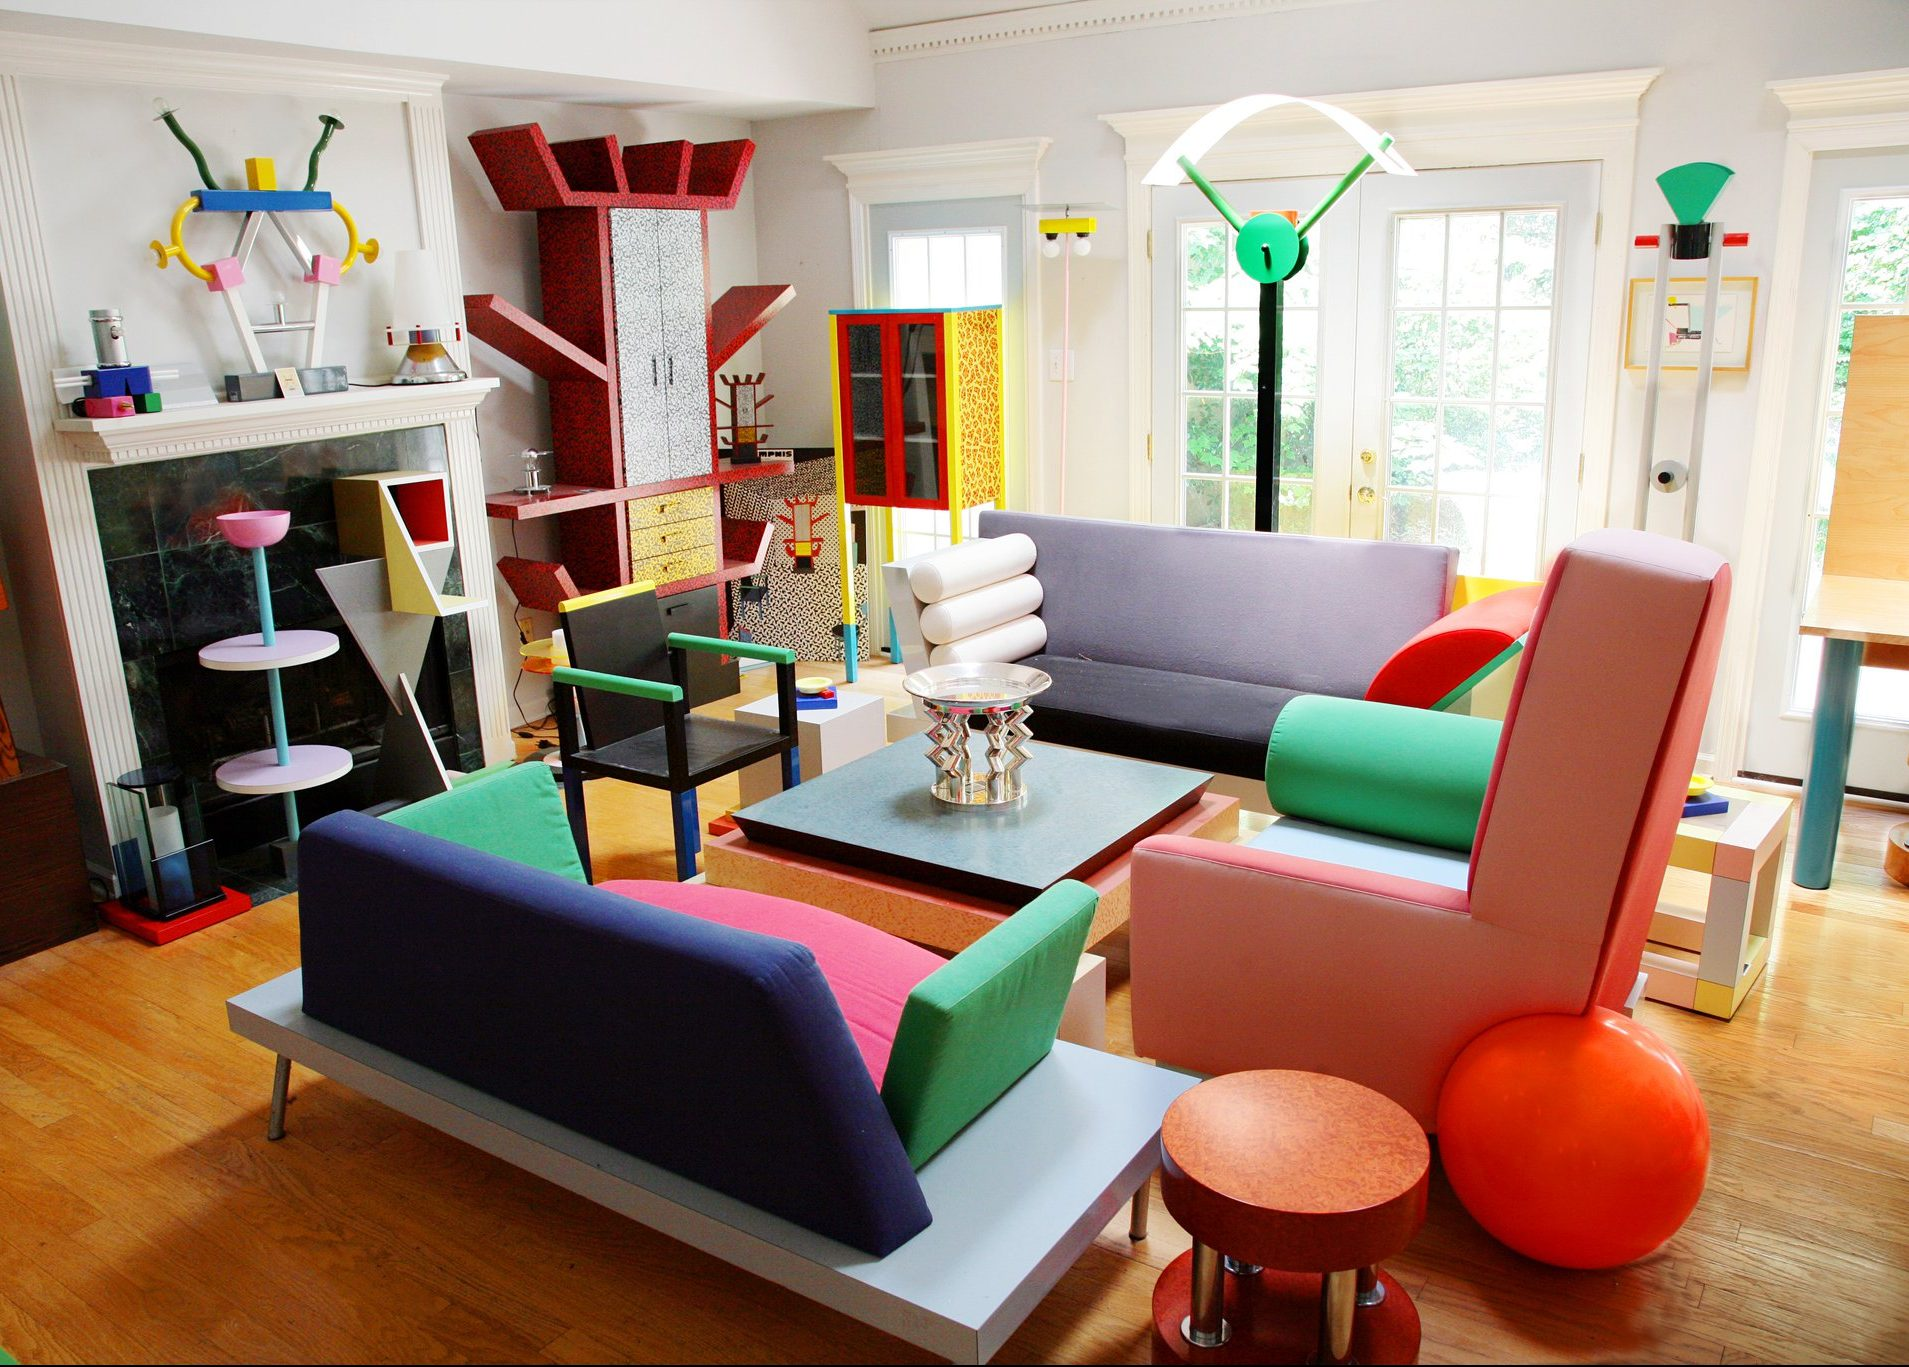 tendance memphis design décoration intérieur coloré histoire